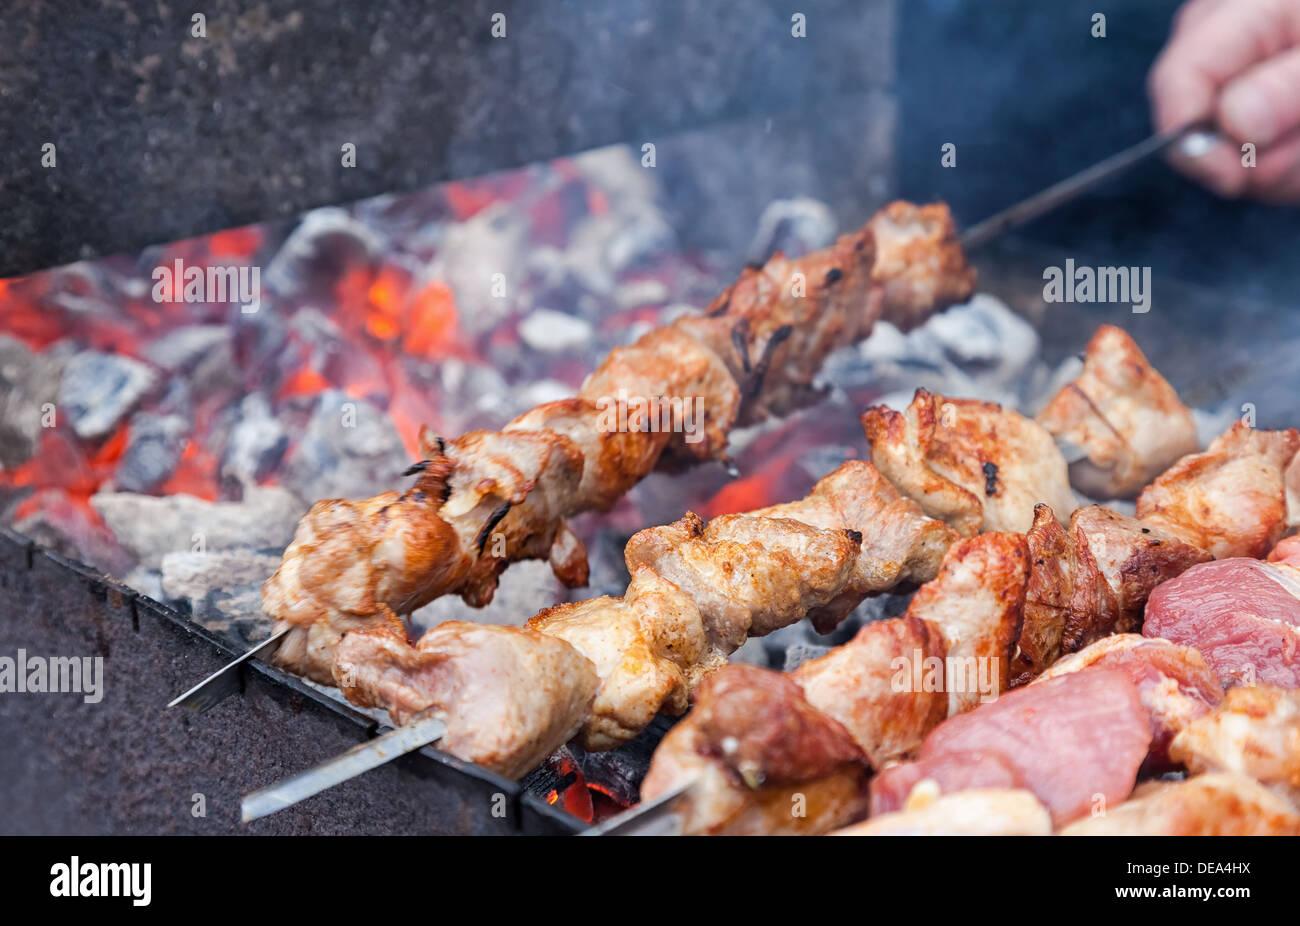 Juteuse tranches de viande en sauce préparer sur charbons ardents Photo Stock